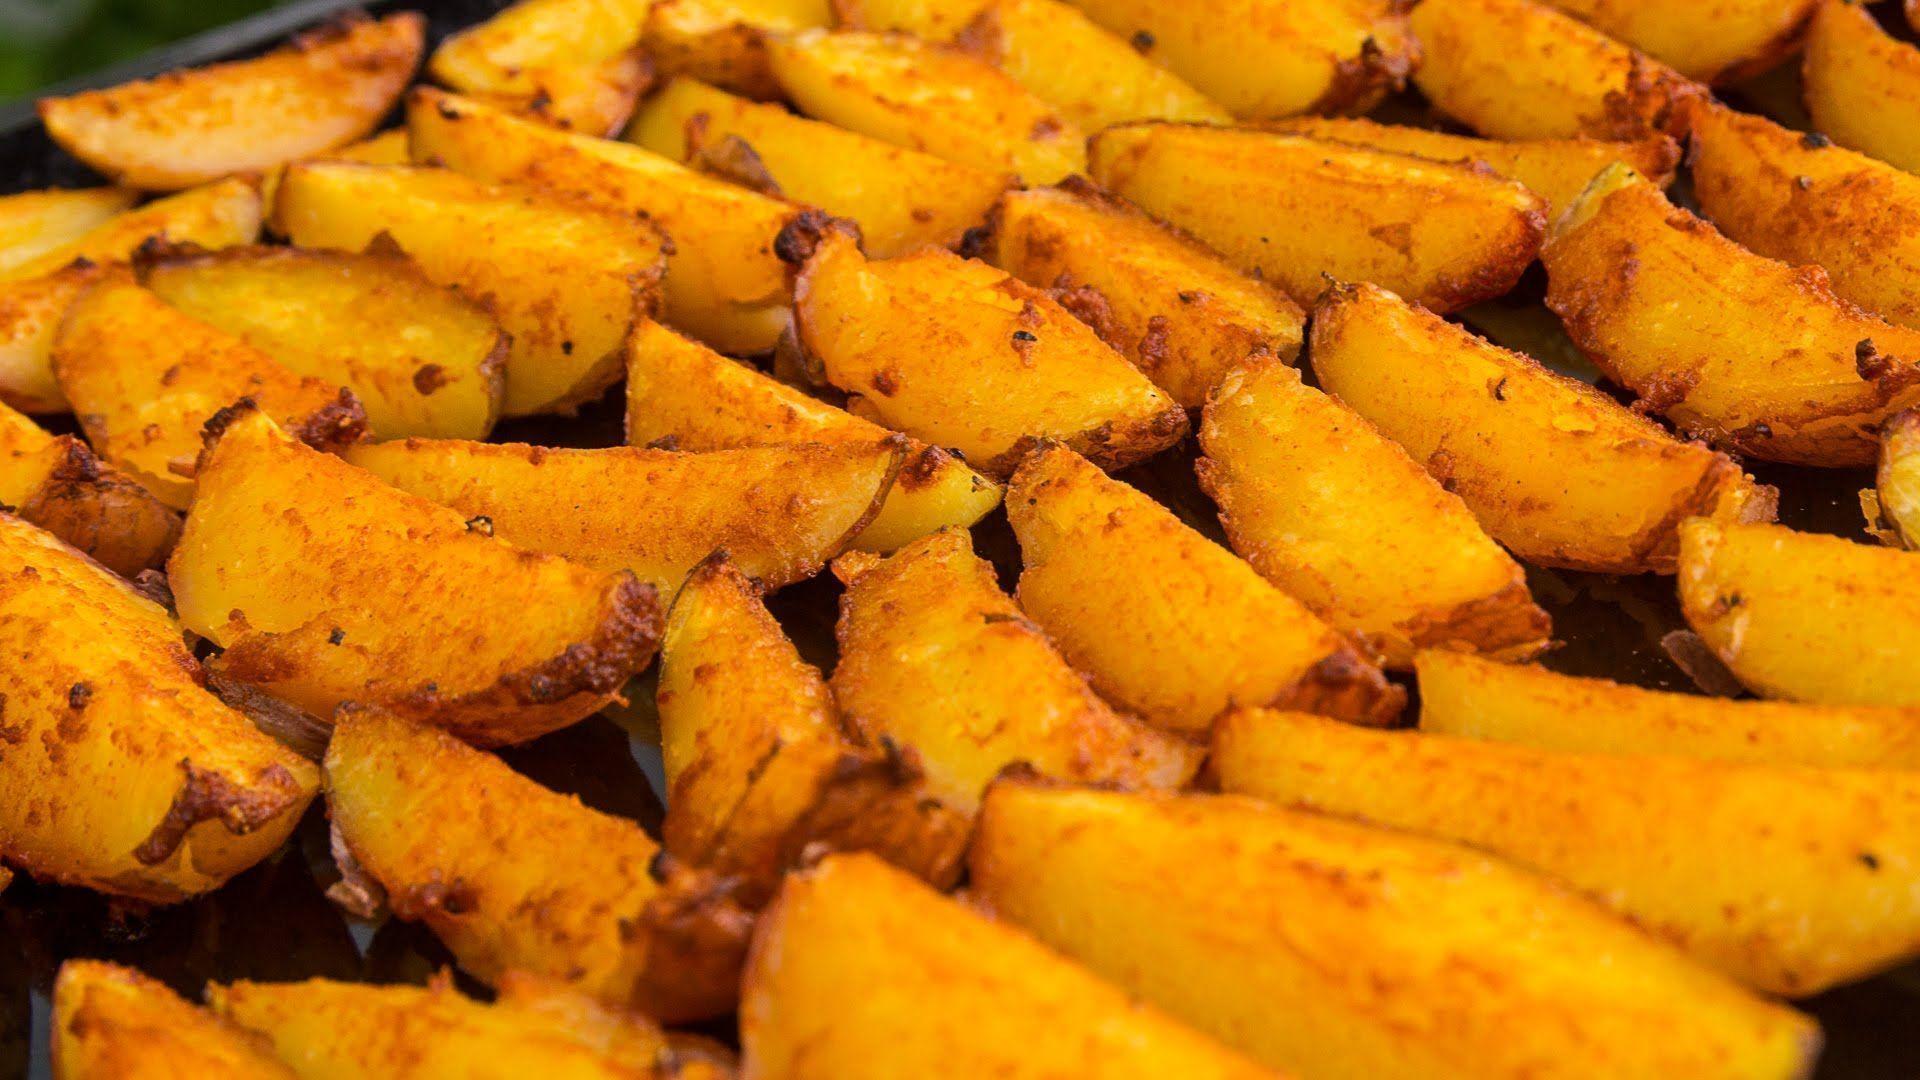 Kartoffelecken selbstgemacht aus dem Backofen. #kartoffeleckenrezept Kartoffelecken selbstgemacht aus dem Backofen. #kartoffeleckenbackofen Kartoffelecken selbstgemacht aus dem Backofen. #kartoffeleckenrezept Kartoffelecken selbstgemacht aus dem Backofen. #kartoffeleckenbackofen Kartoffelecken selbstgemacht aus dem Backofen. #kartoffeleckenrezept Kartoffelecken selbstgemacht aus dem Backofen. #kartoffeleckenbackofen Kartoffelecken selbstgemacht aus dem Backofen. #kartoffeleckenrezept Kartoffelec #kartoffeleckenbackofen